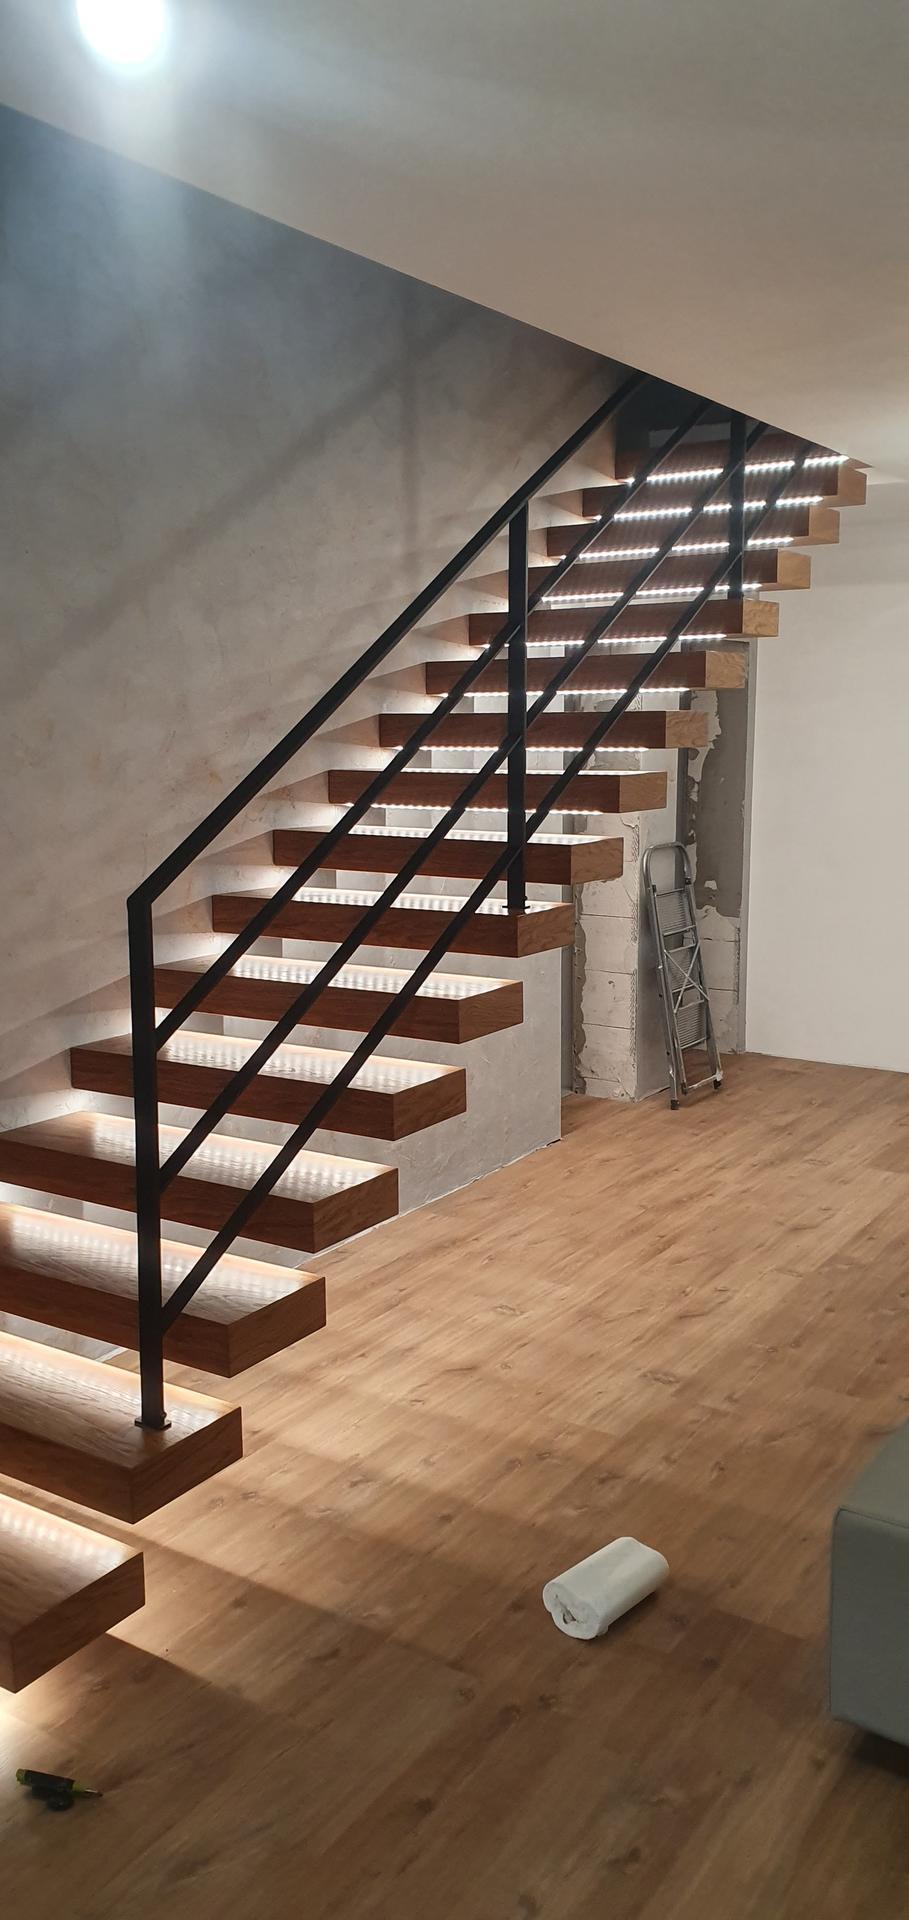 Konzolove schodisko (samonosne schody) - Obrázok č. 1